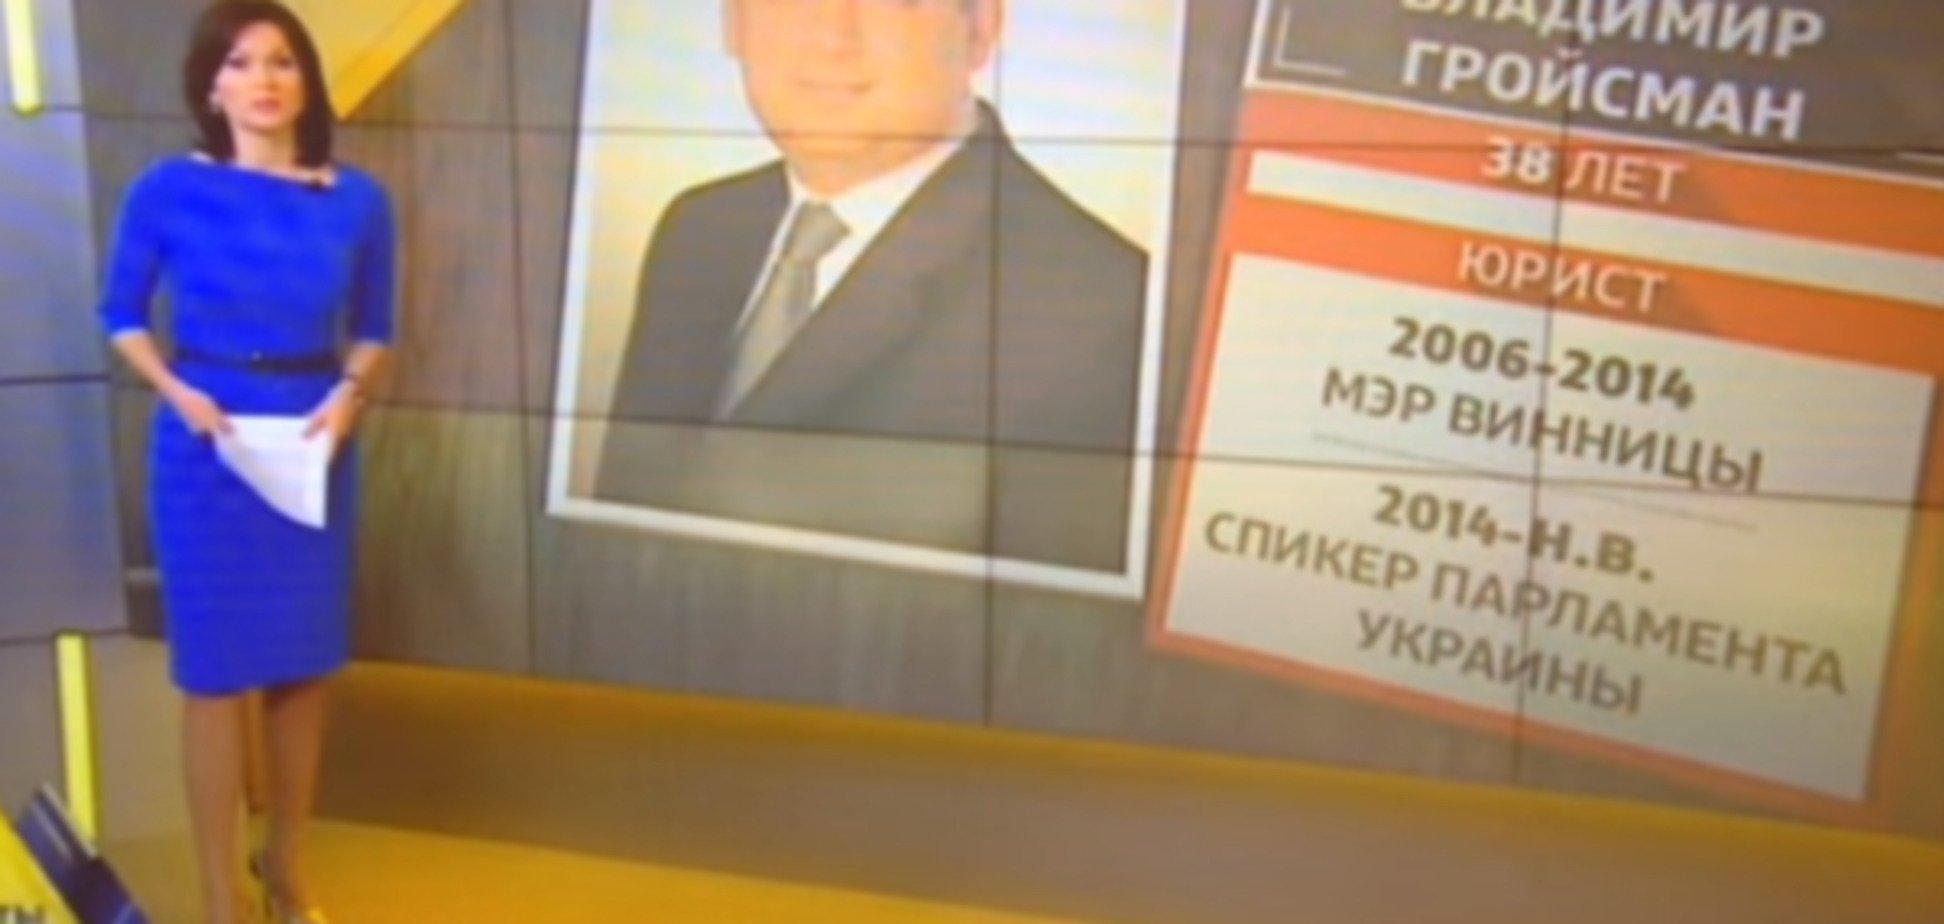 'Що про нього відомо? Єврей...' КремльТВ відзначився скандальним сюжетом про Гройсманом